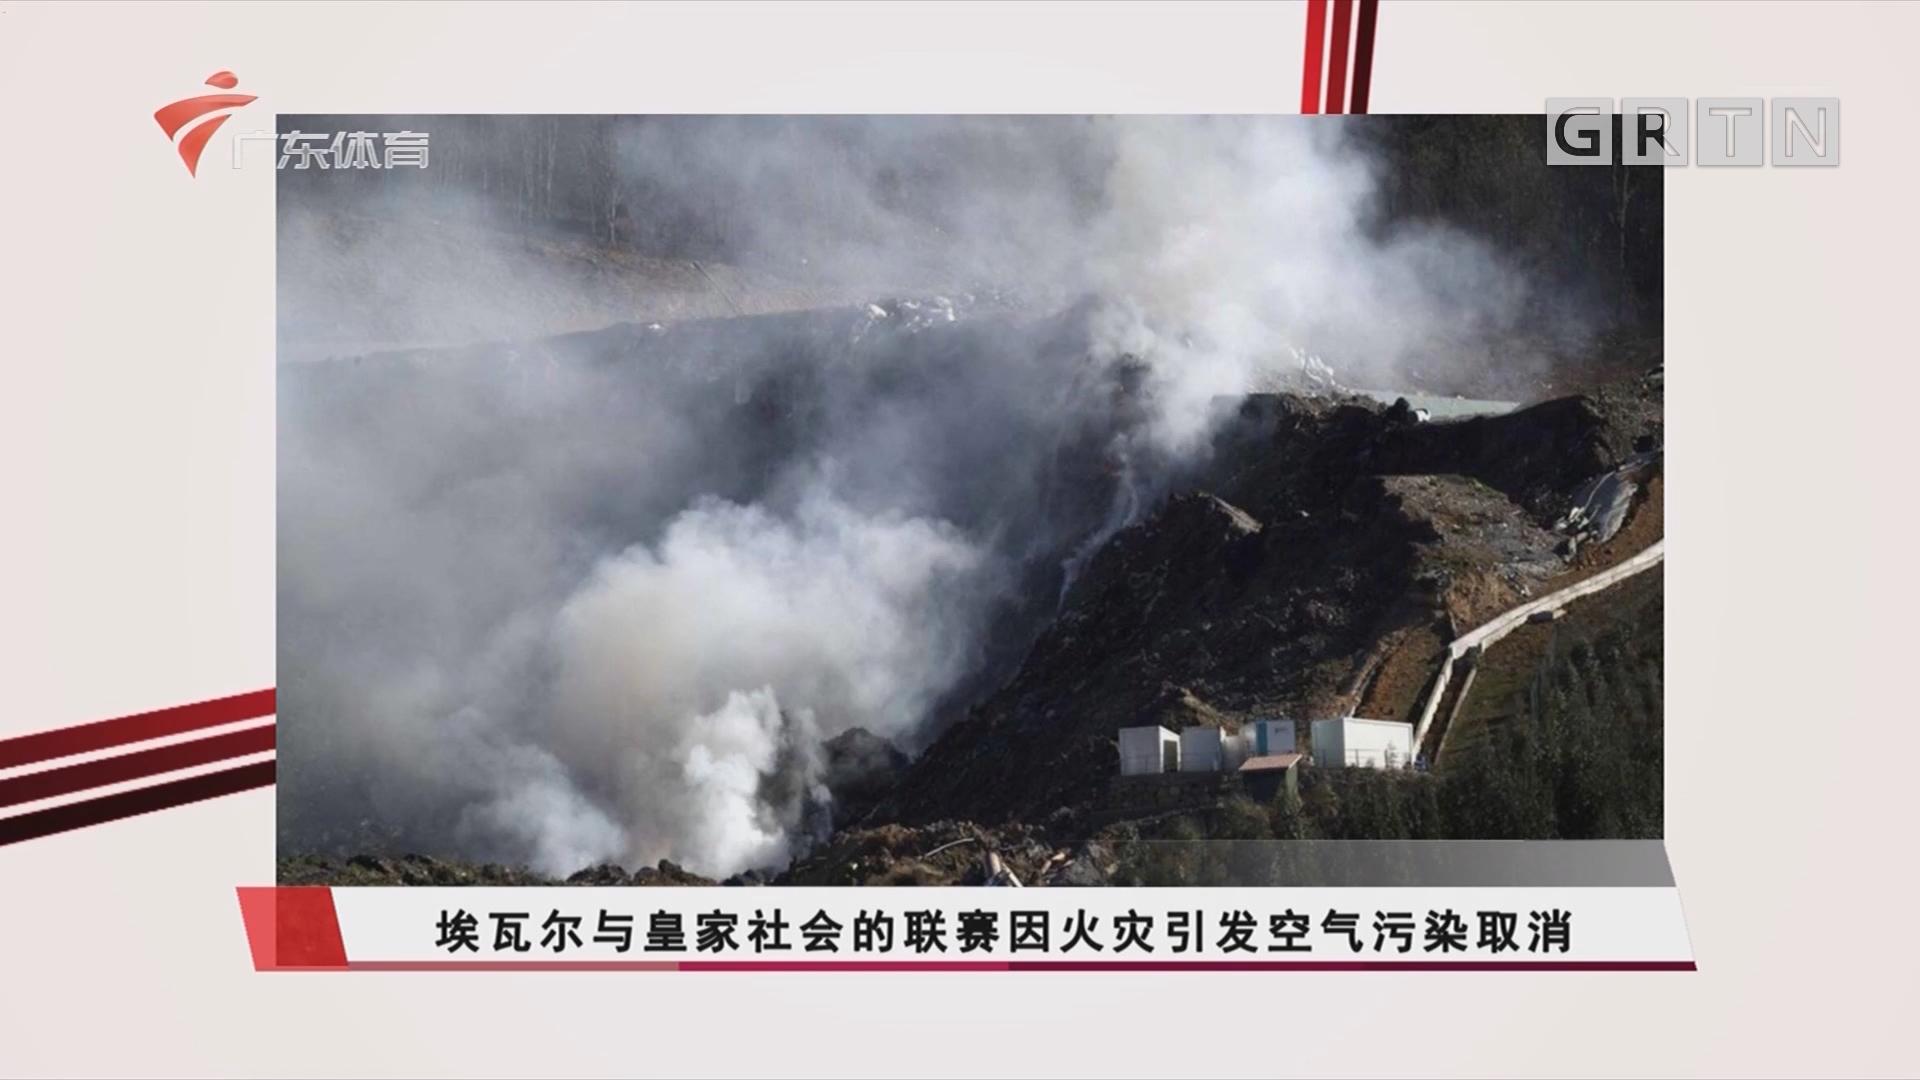 埃瓦尔与皇家社会的联赛因火灾引发空气污染取消